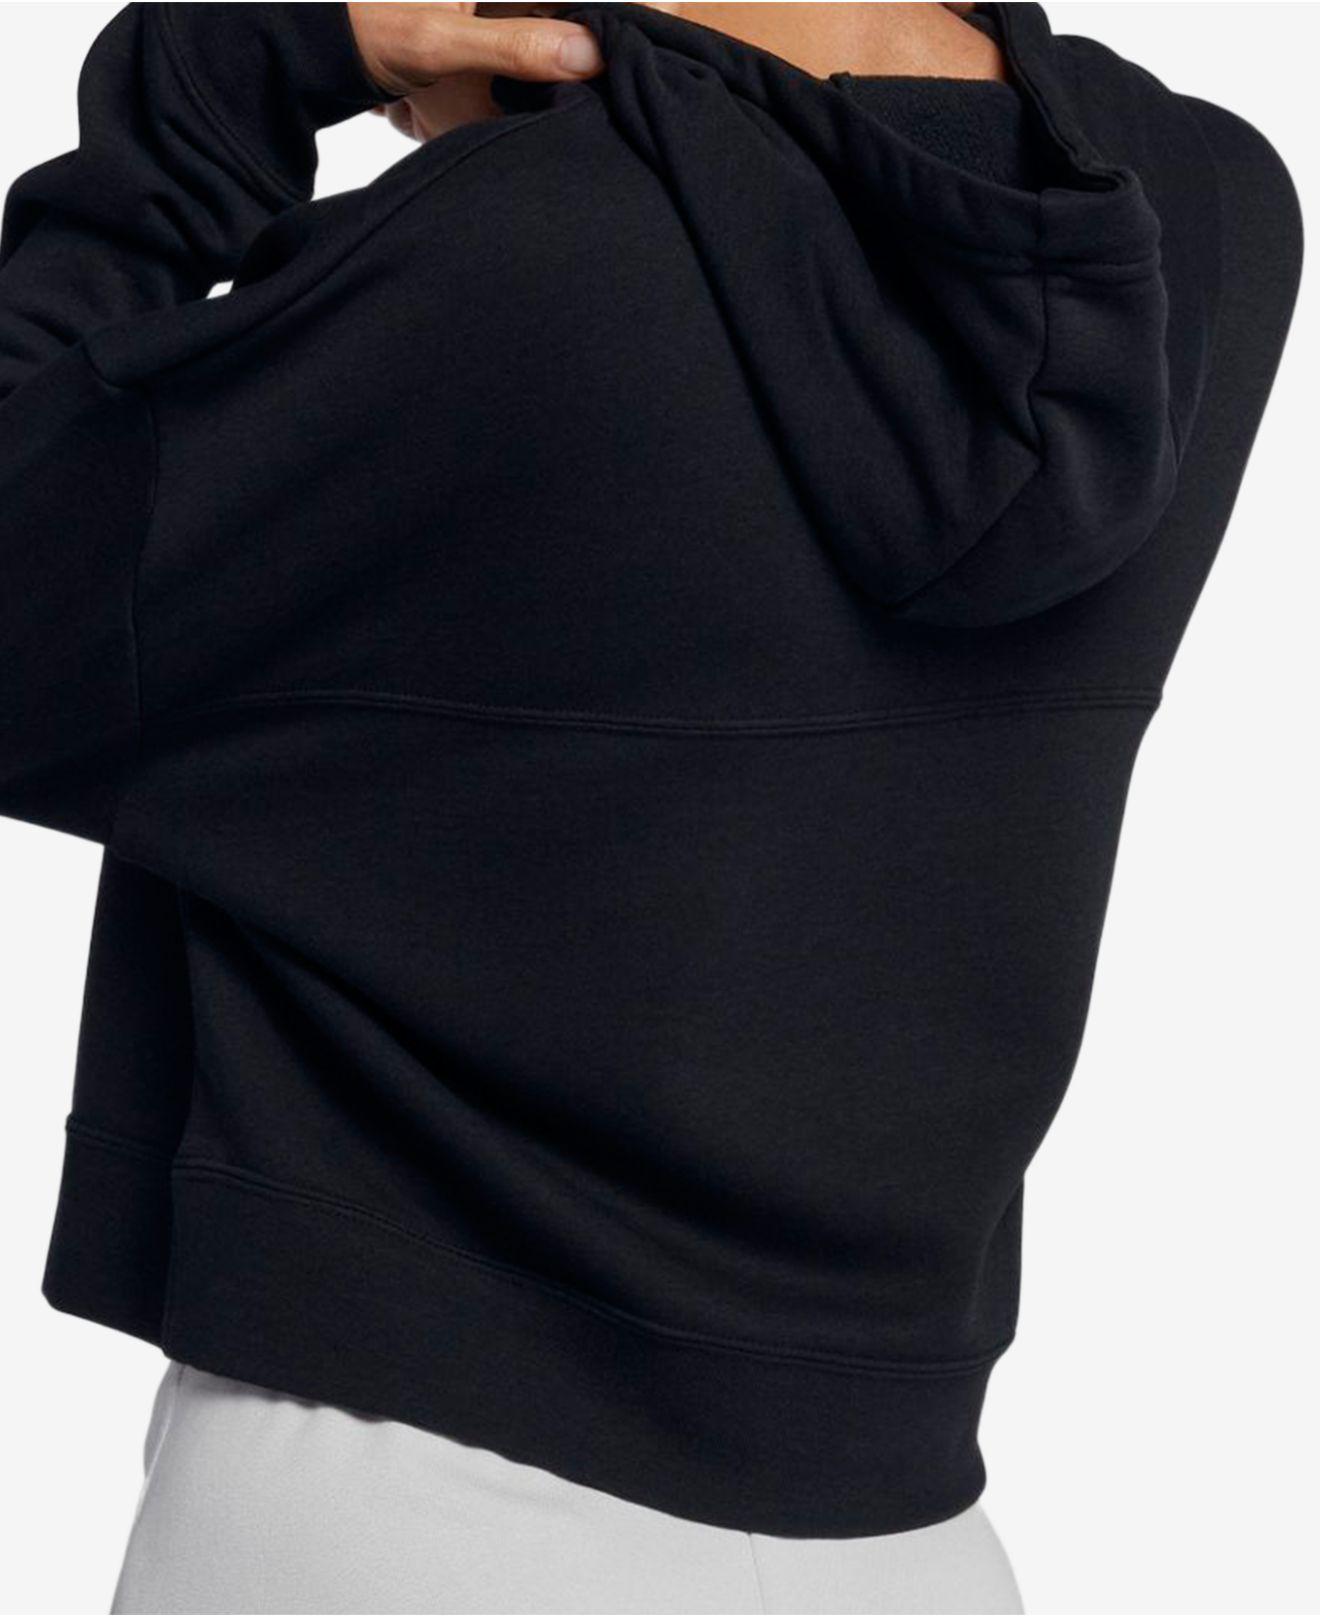 02a6e2f934795 Lyst - Nike Sportswear Rally Metallic-logo Fleece Cropped Hoodie in Black